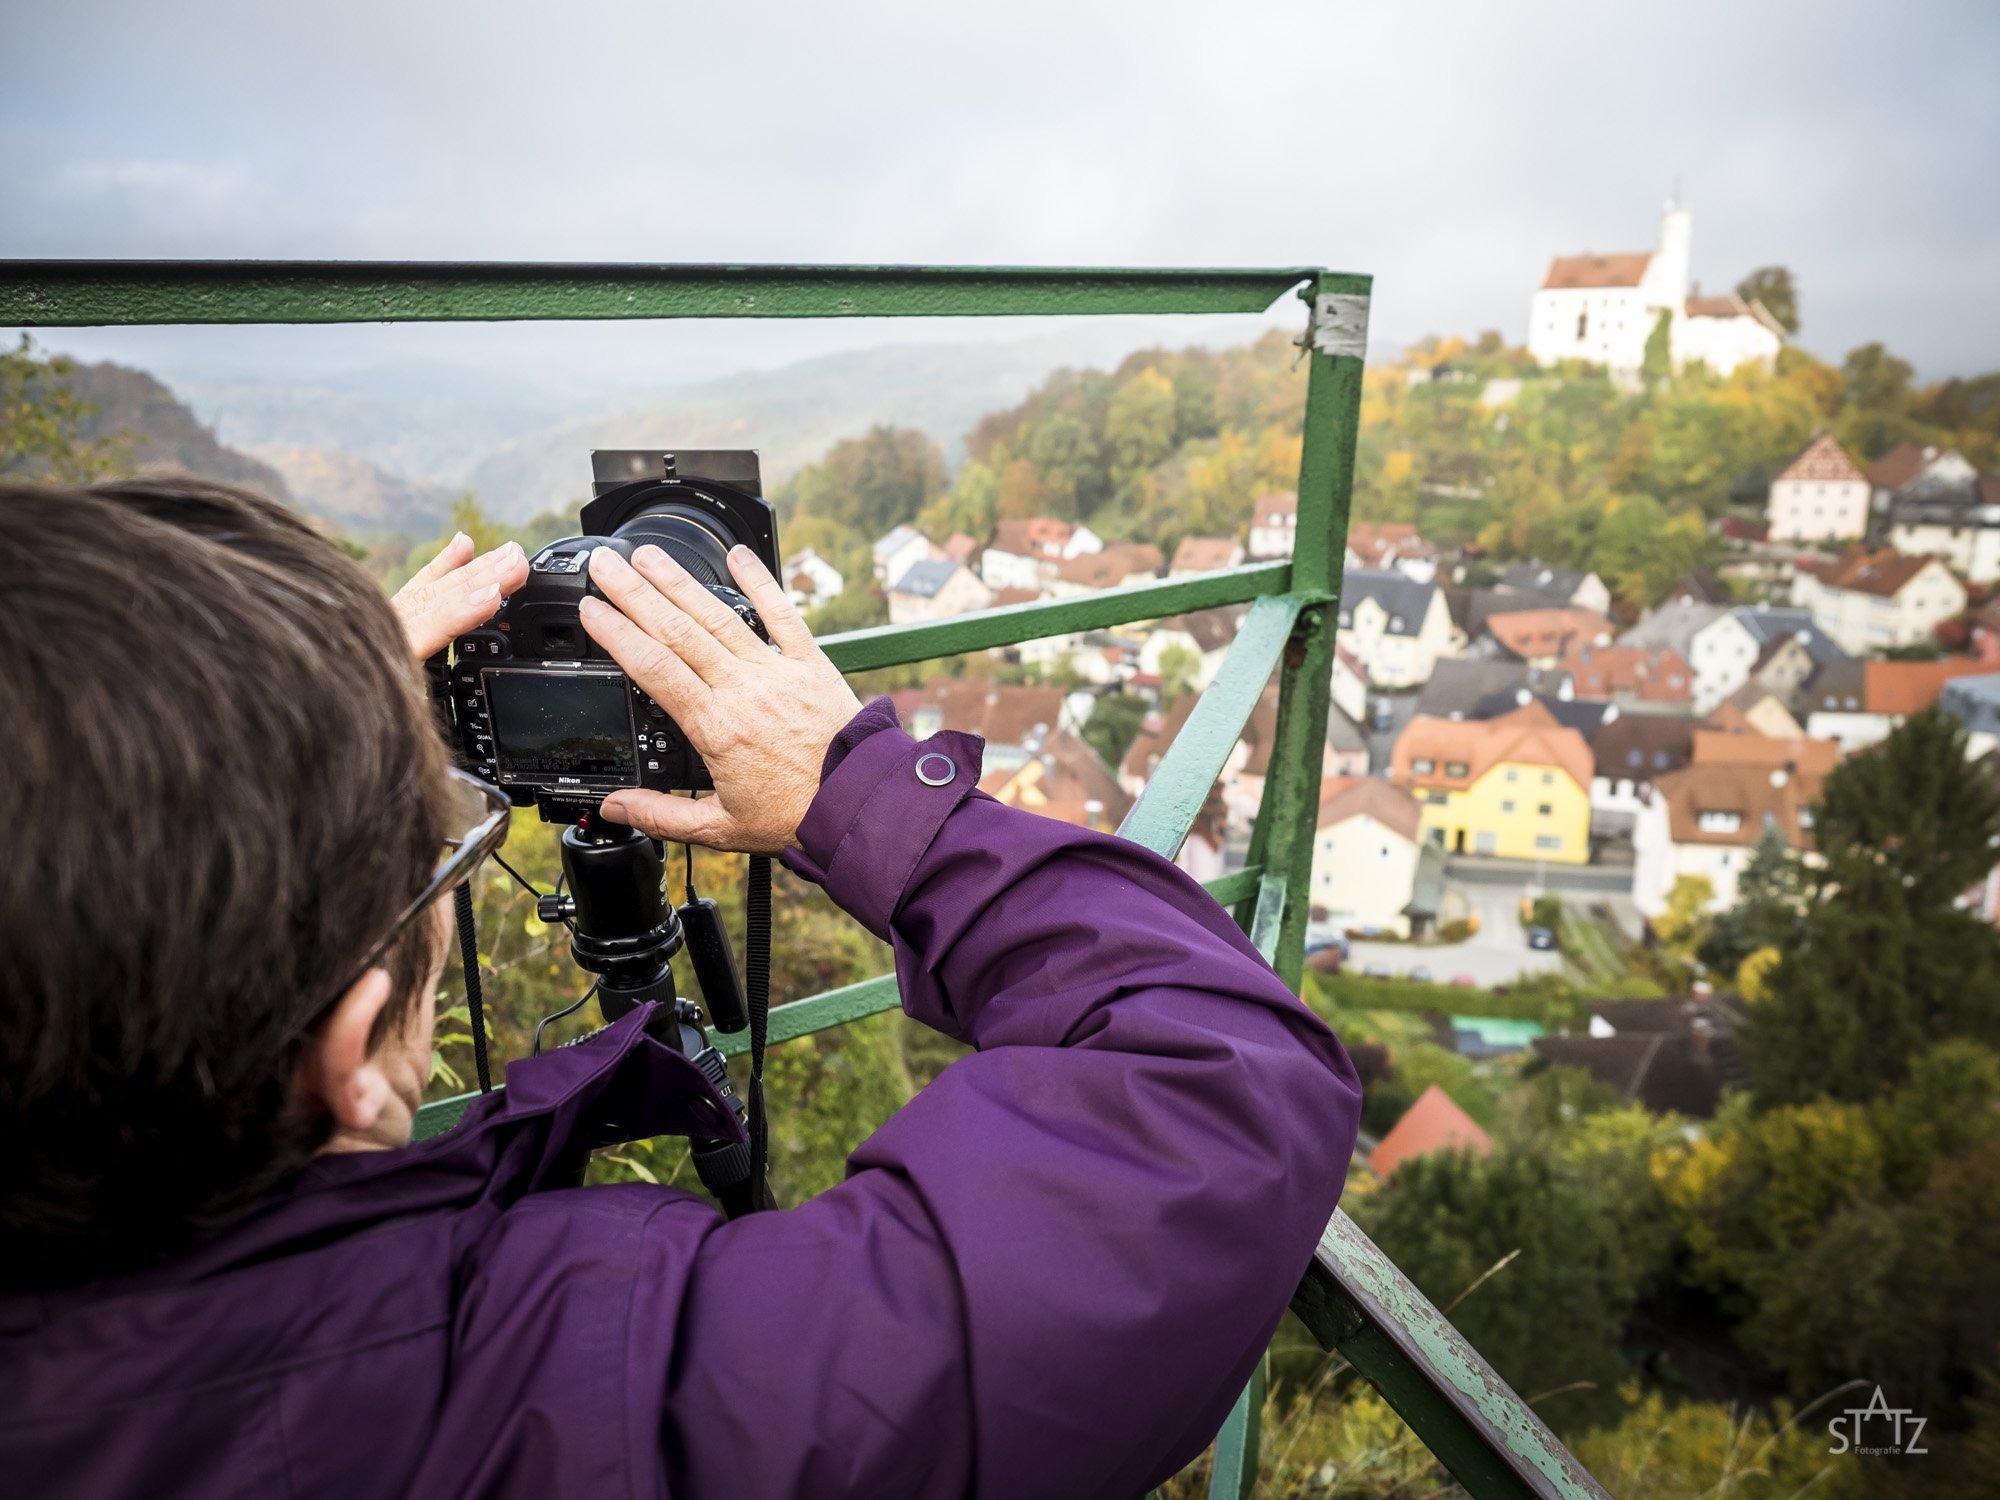 Olympus Landschaftsfotografie Filterfotografie mit Uwe Statz